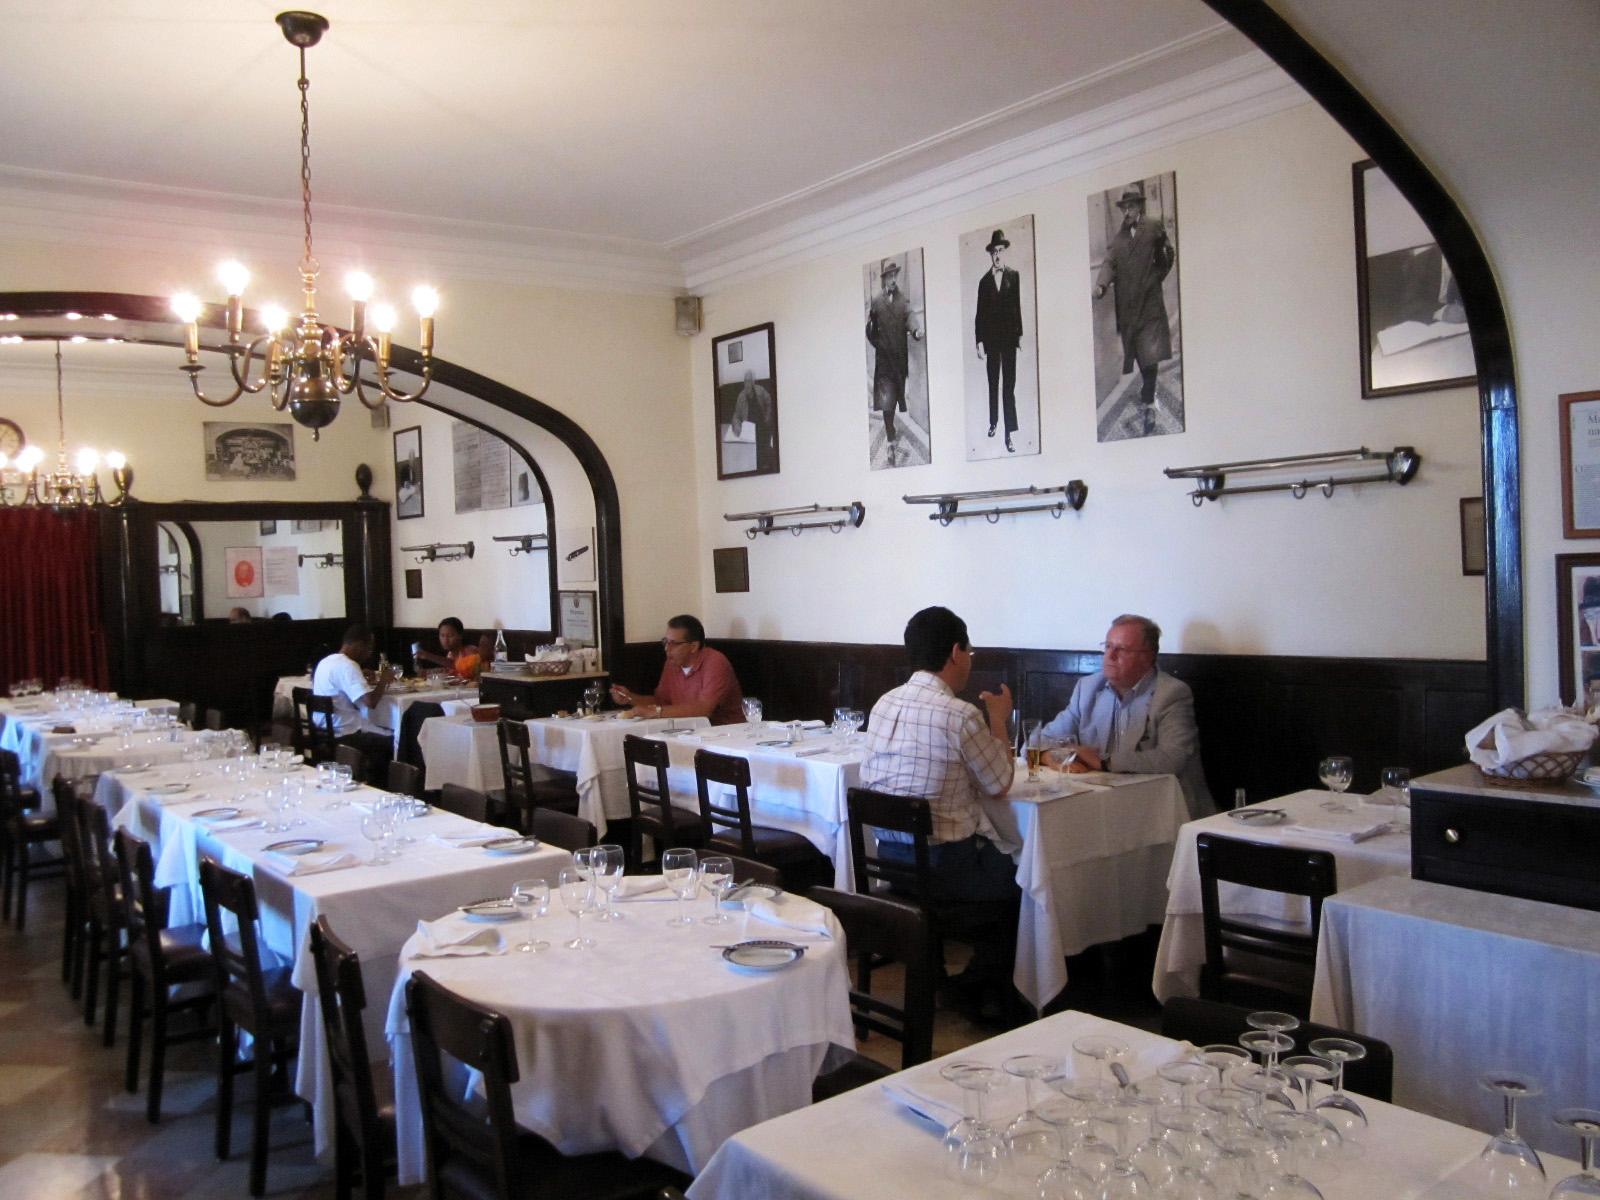 Friends Cafe Replica New York